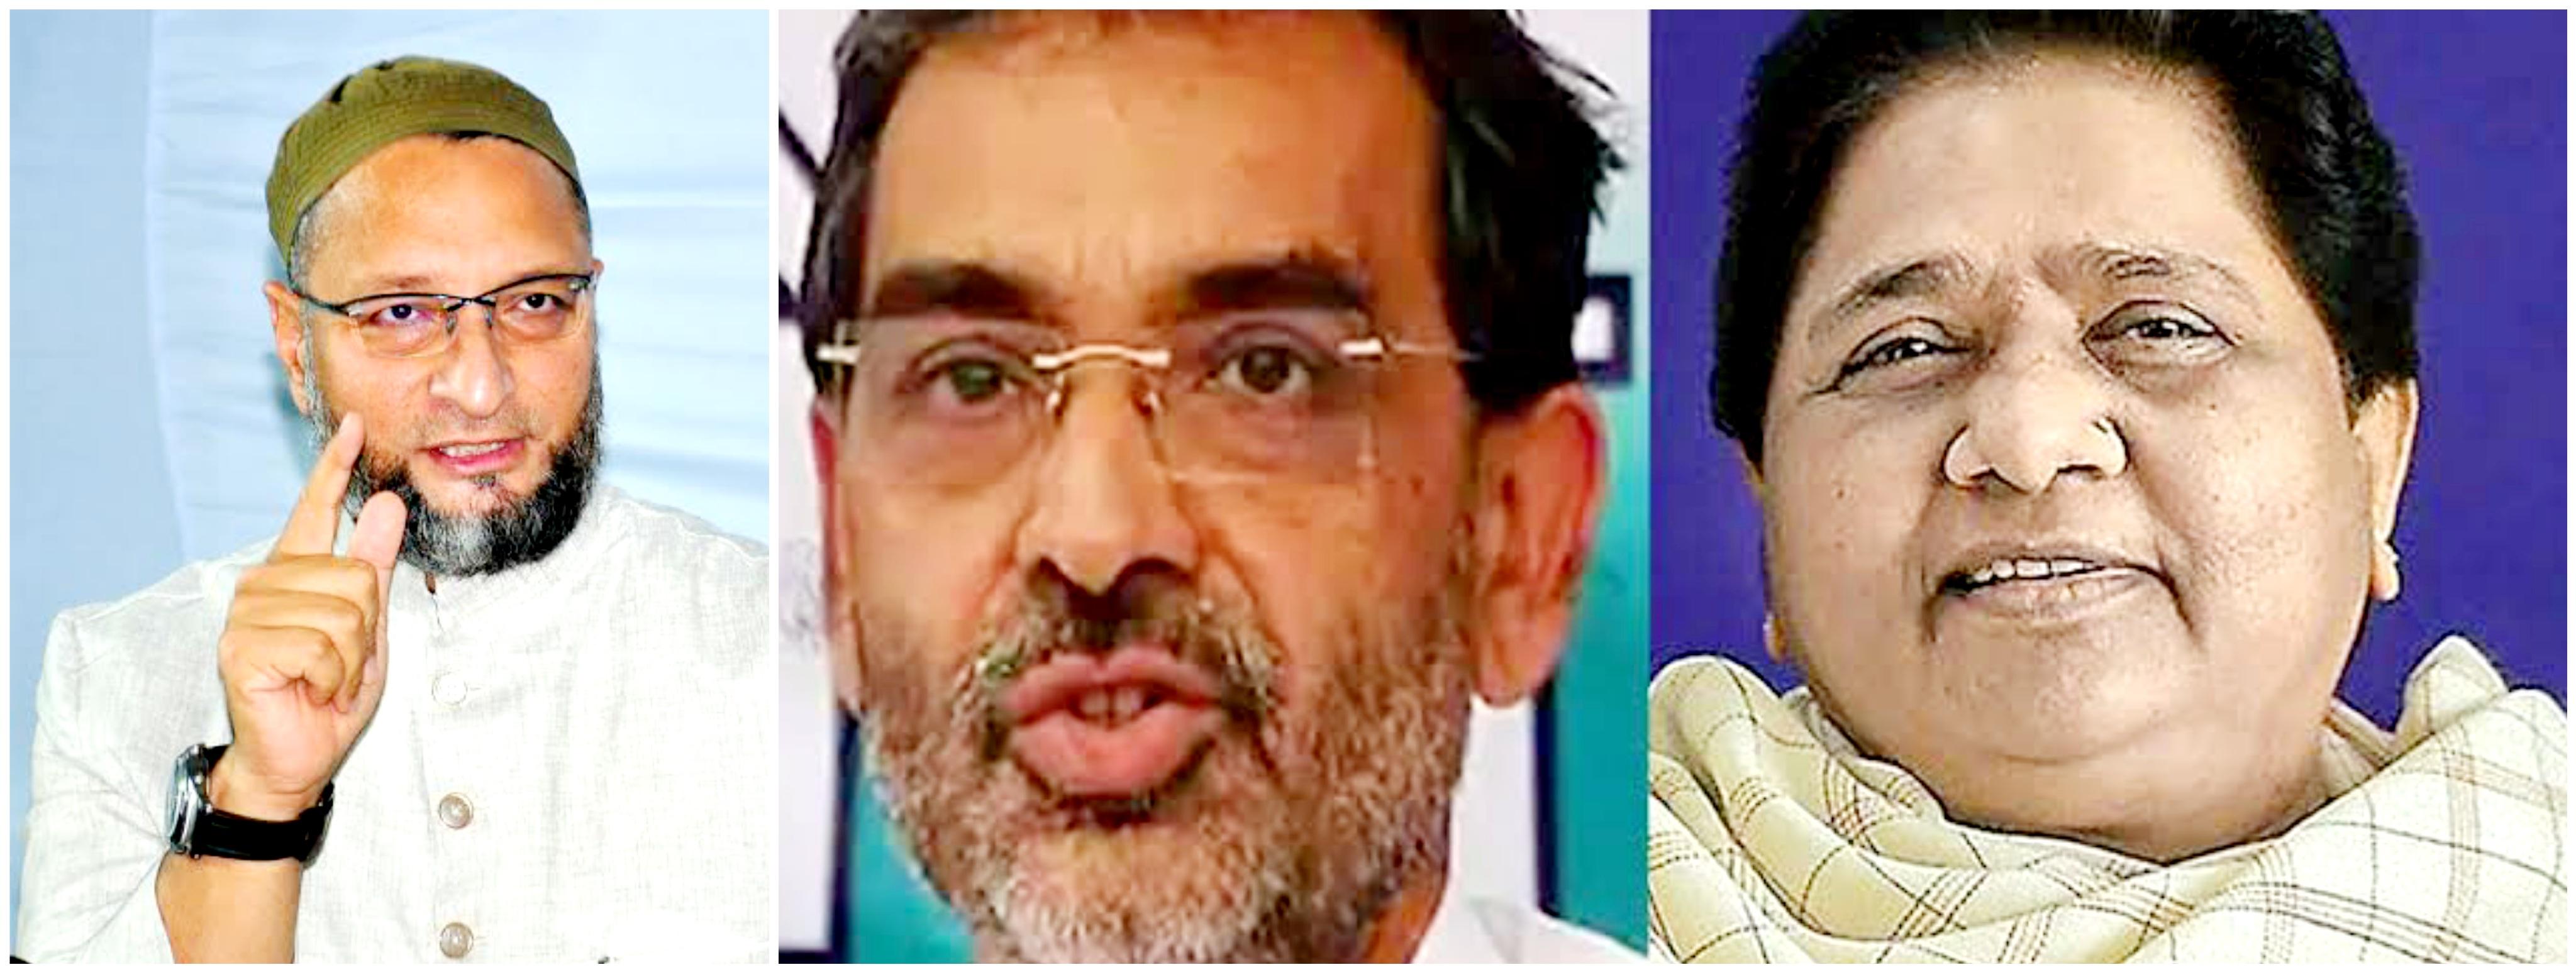 बिहार चुनाव:कुशवाहा, ओवैसी और मायावती की तिकड़ी क्या बिगाड़ पाएँगी  महागठबंधन का काम?